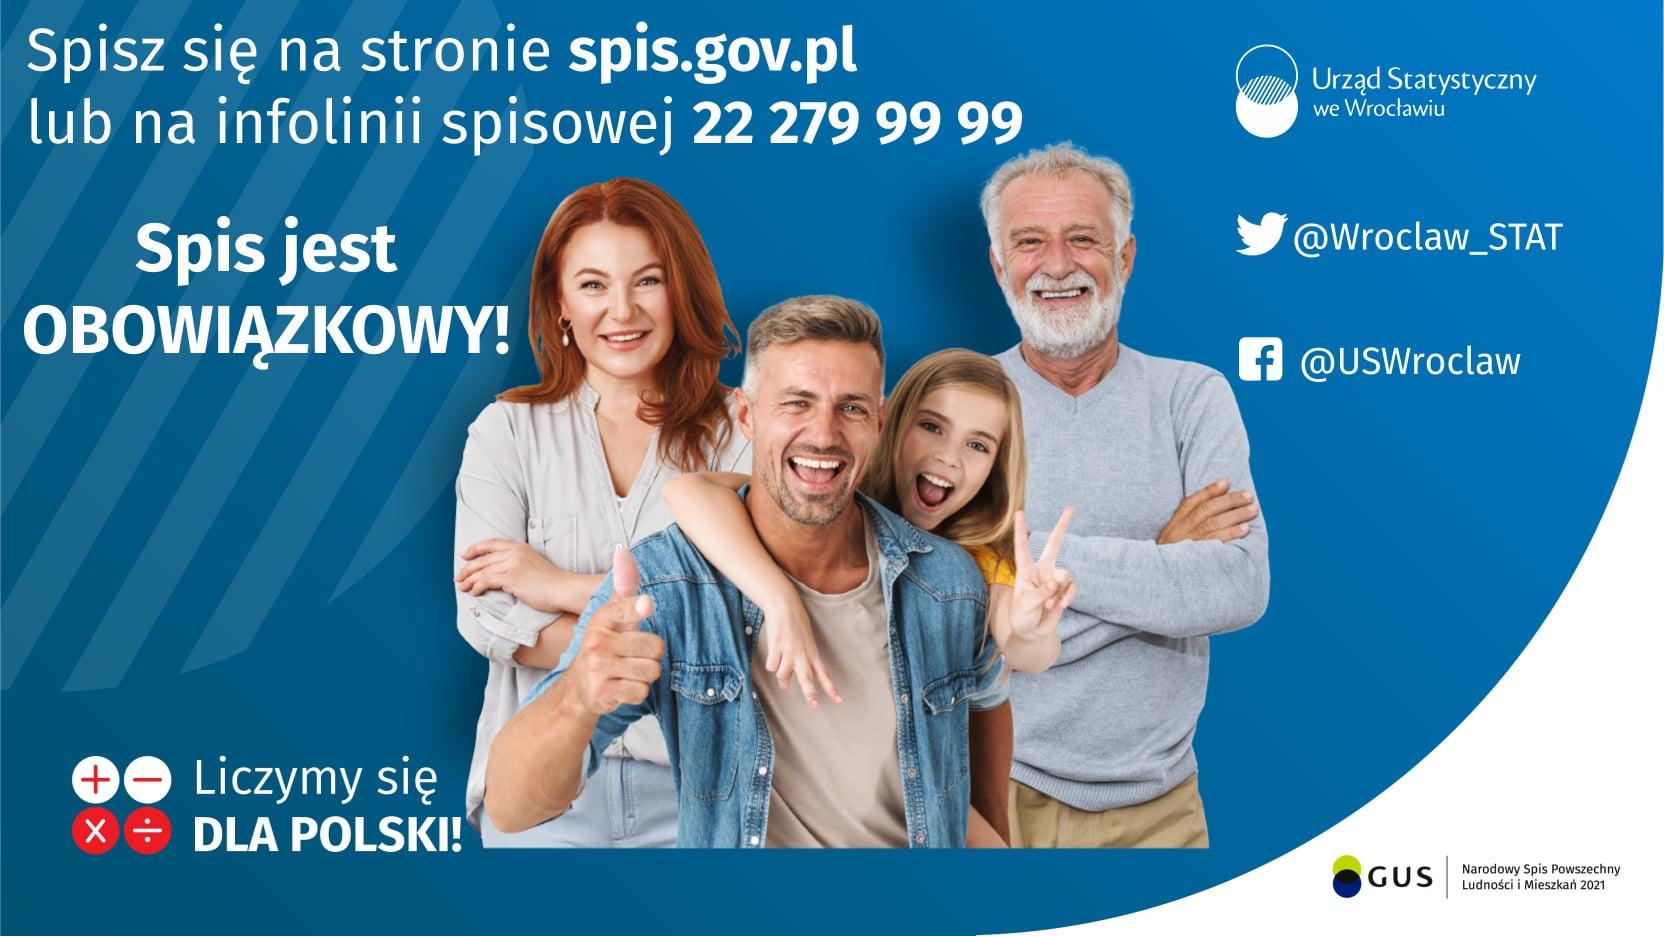 Spisz się na stronie spis.gov.pl lub na infolinii spisowej 22 279 99 99. Spis jest obowiązkowy. Urząd Statystyczny we Wrocławiu. Narodowy Spis Powszechny Ludności i Mieszkań